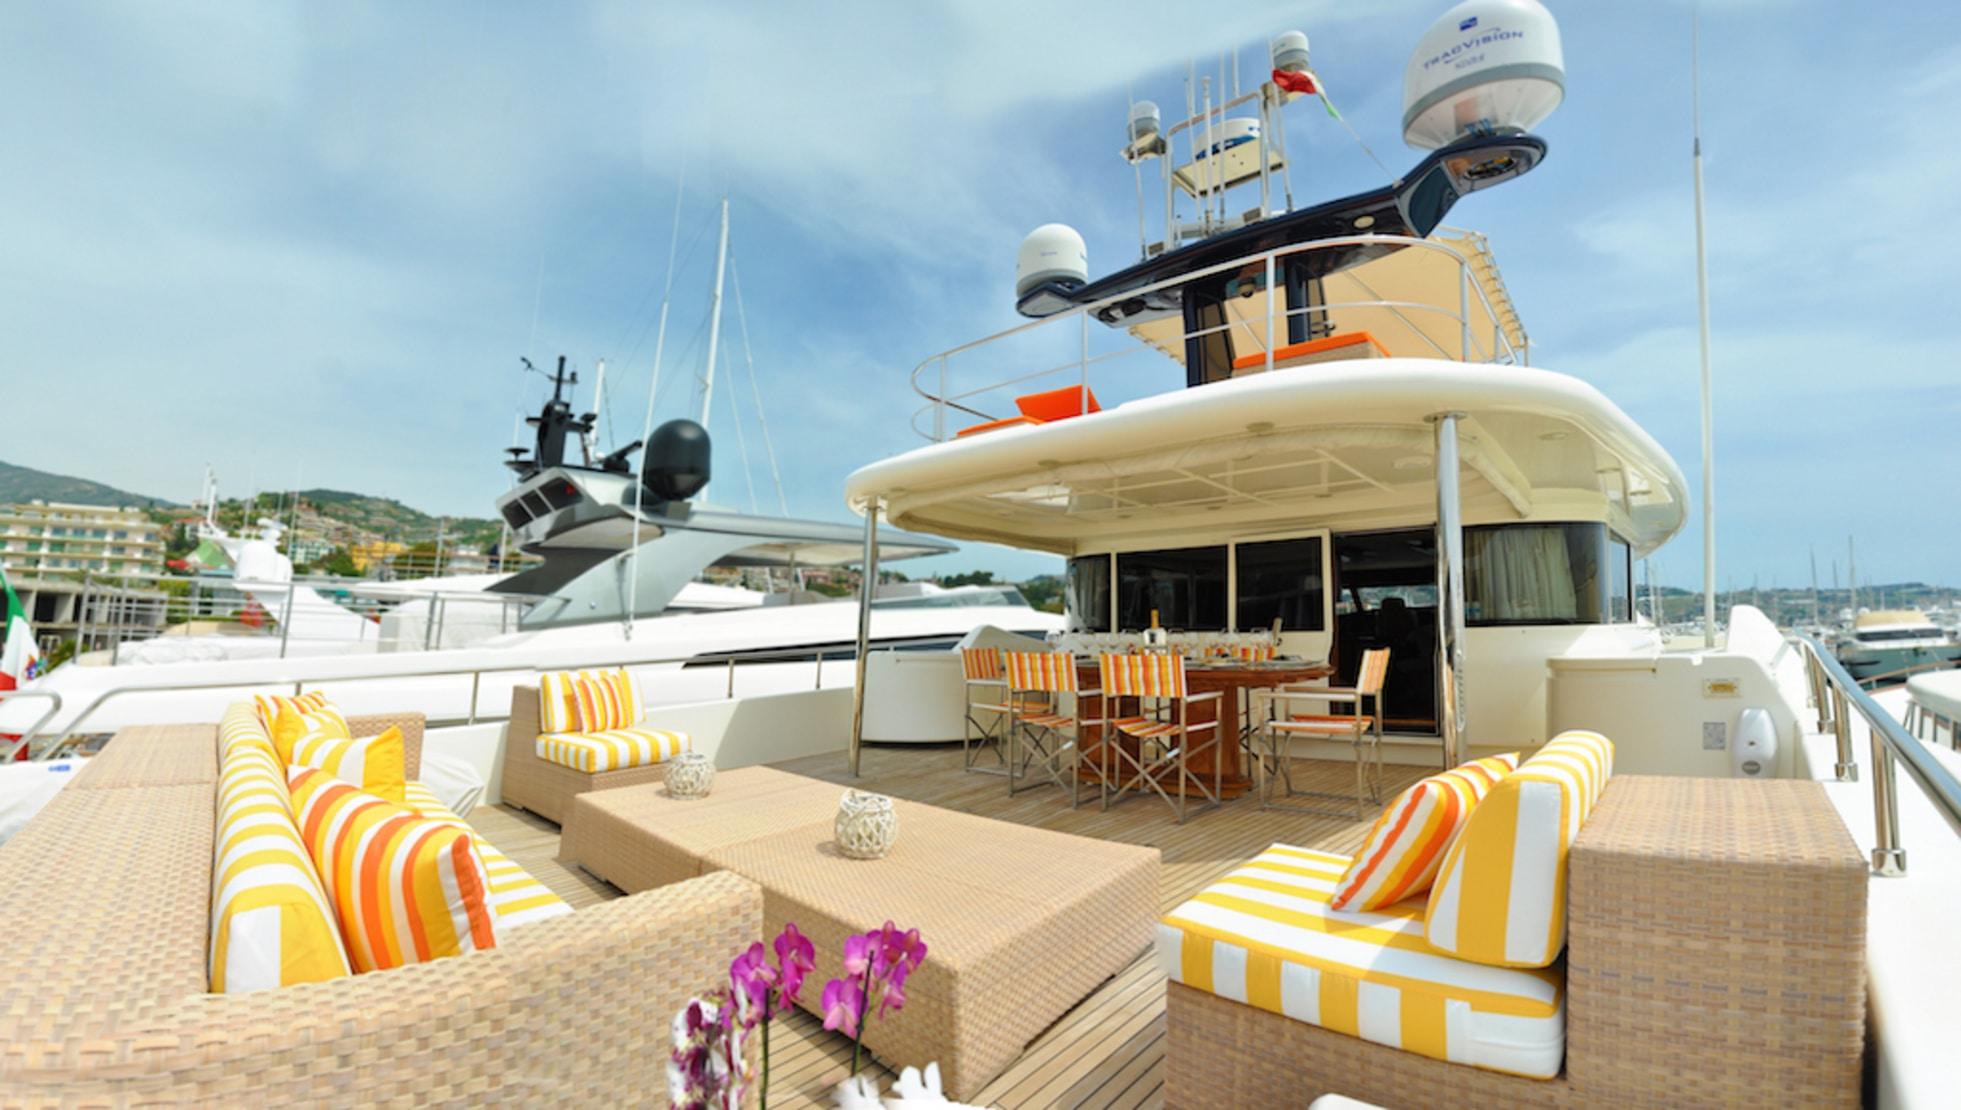 Plenty of deck space